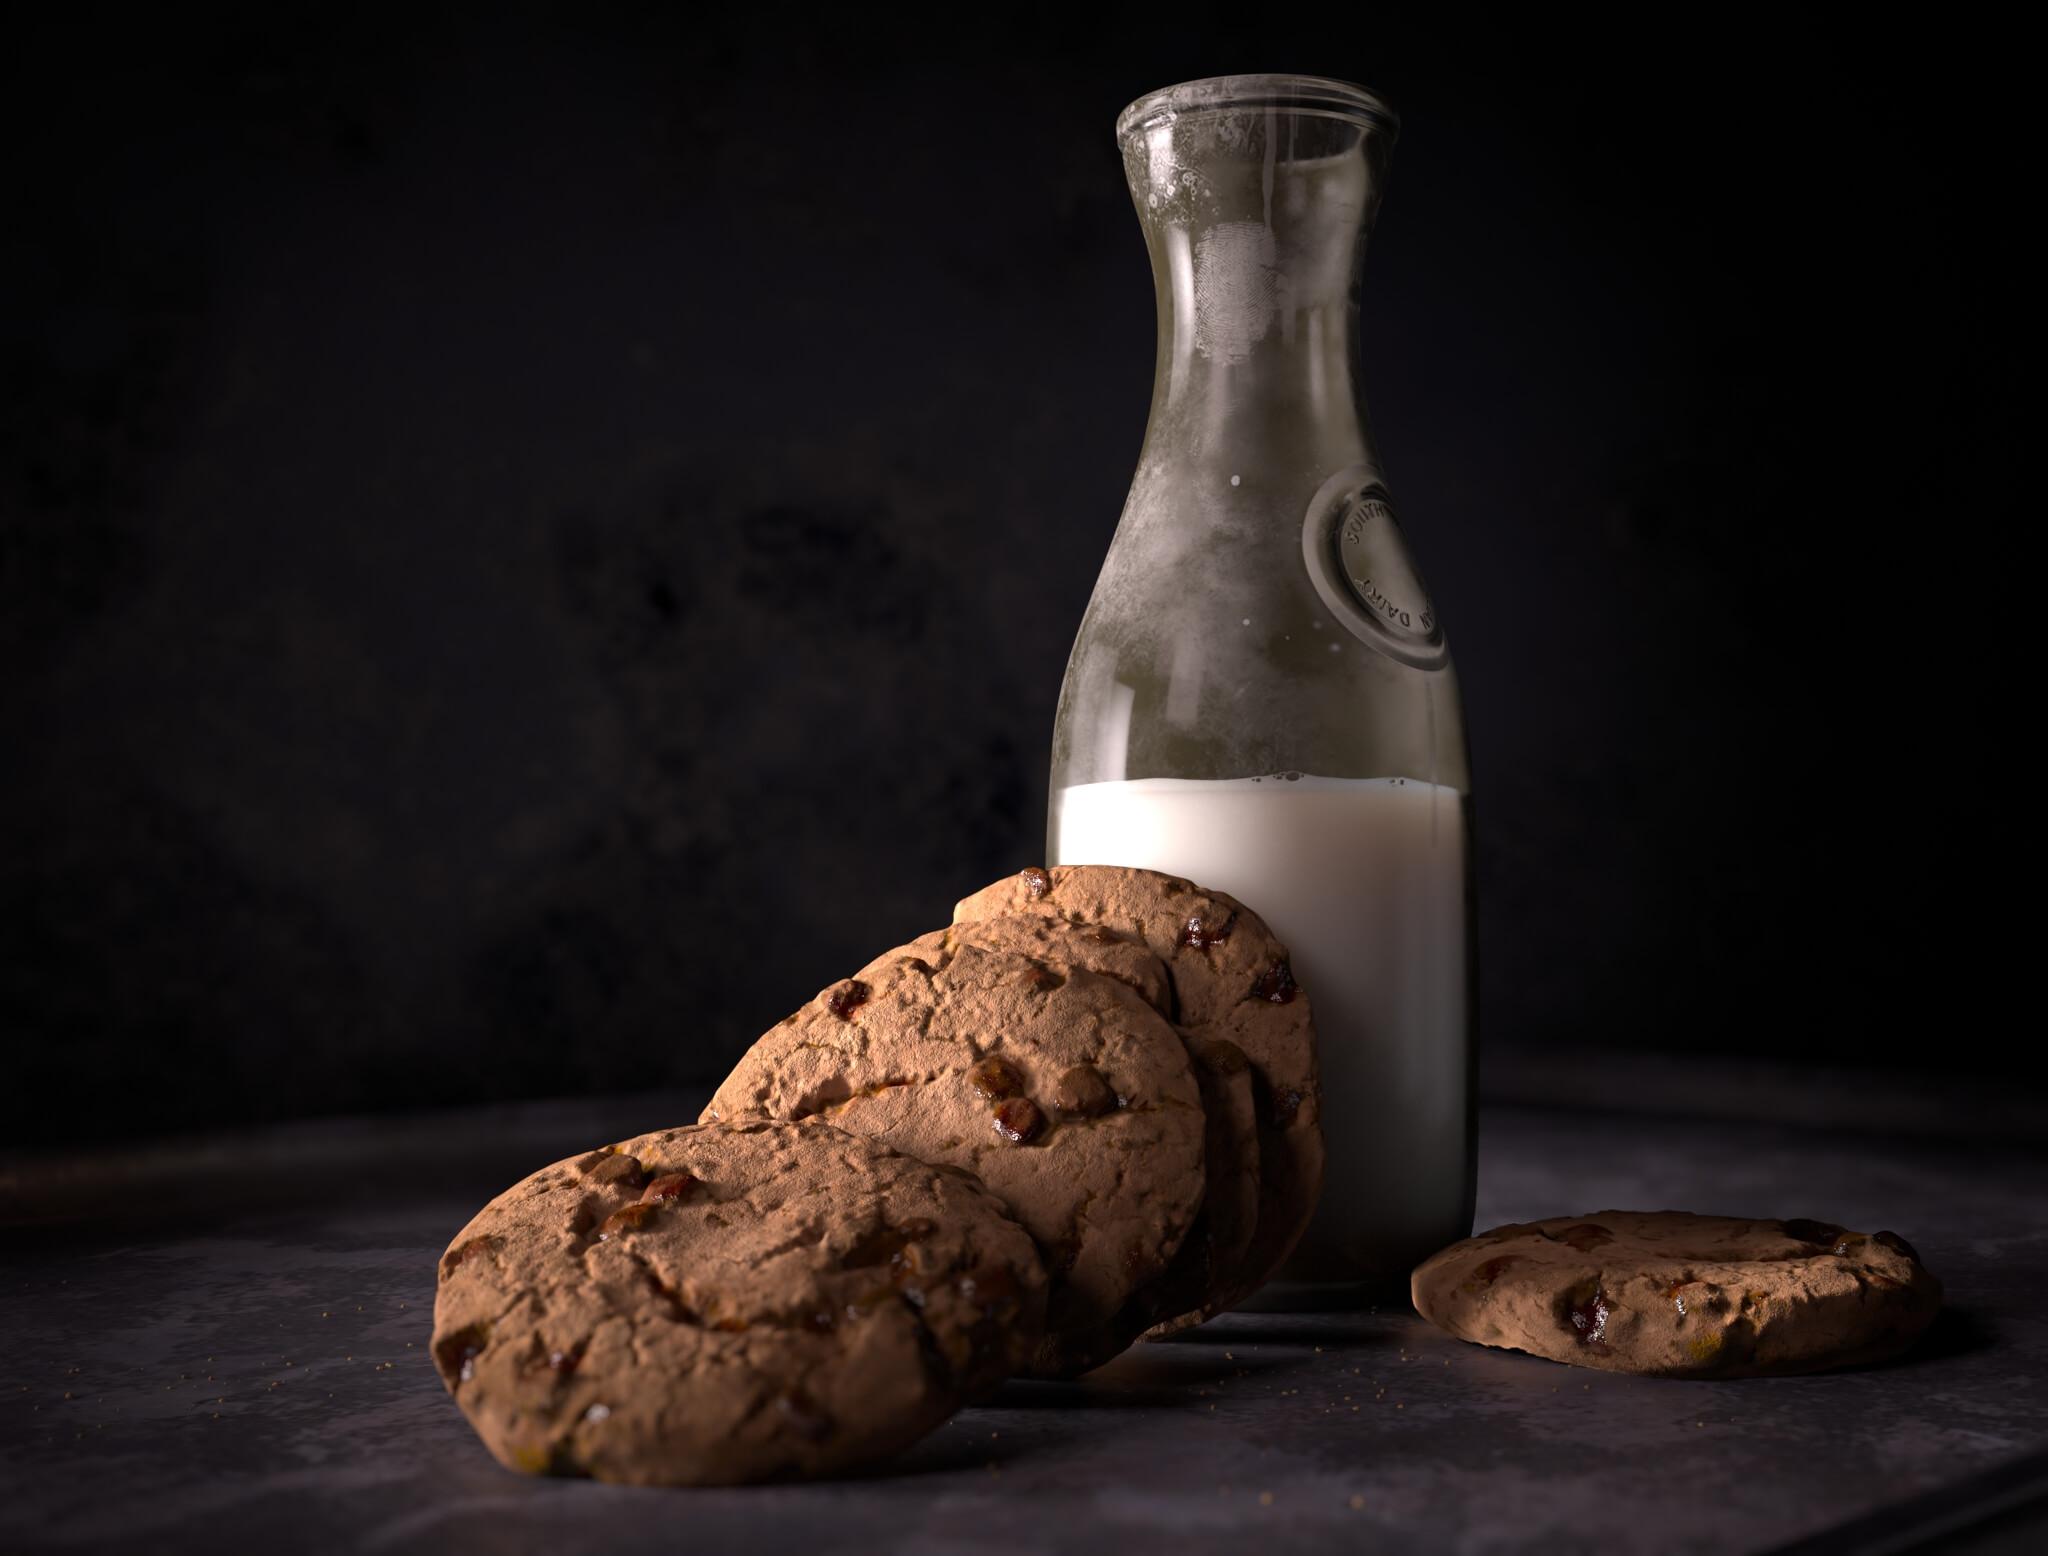 0_cookies_beauty.0001_web.jpg